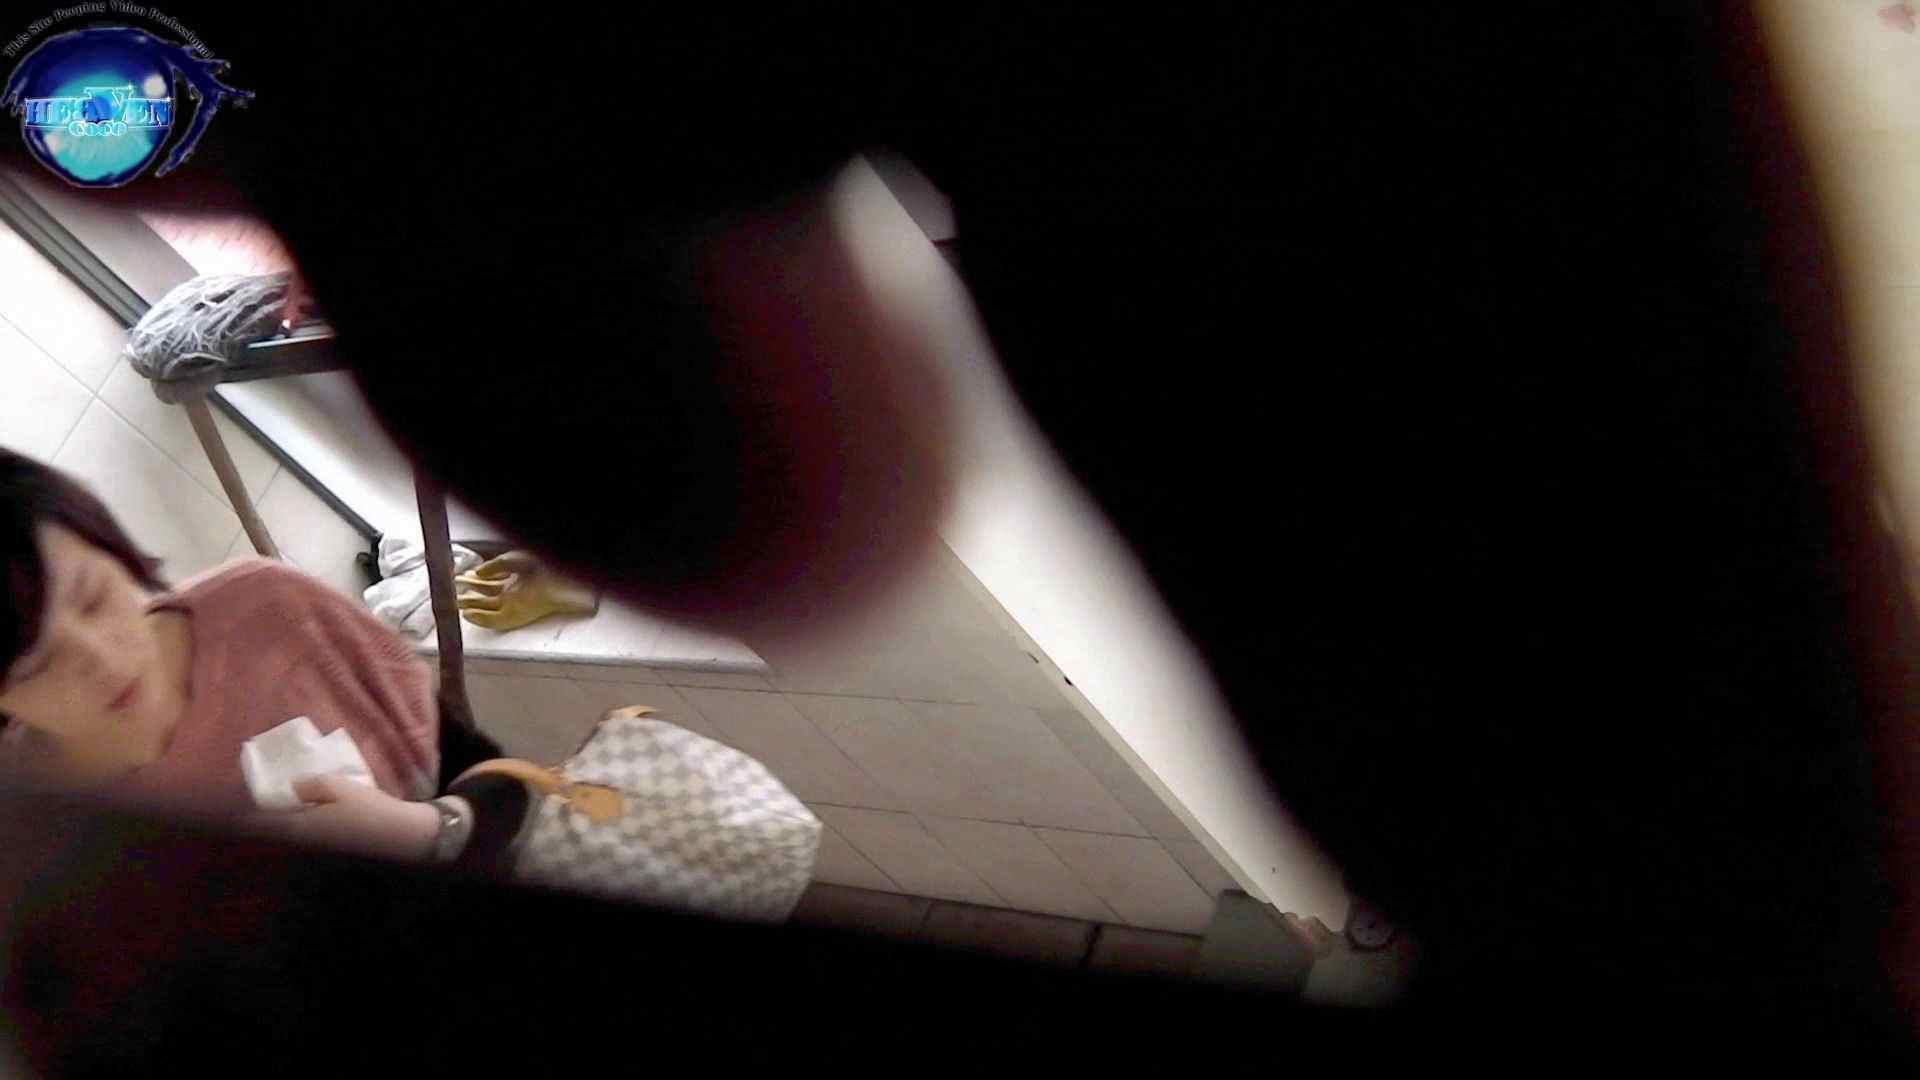 【世界の射窓から~ステーション編~】vol.28 無料動画に登場したモデルつい本番登場!!後編 HなOL AV無料動画キャプチャ 86pic 71